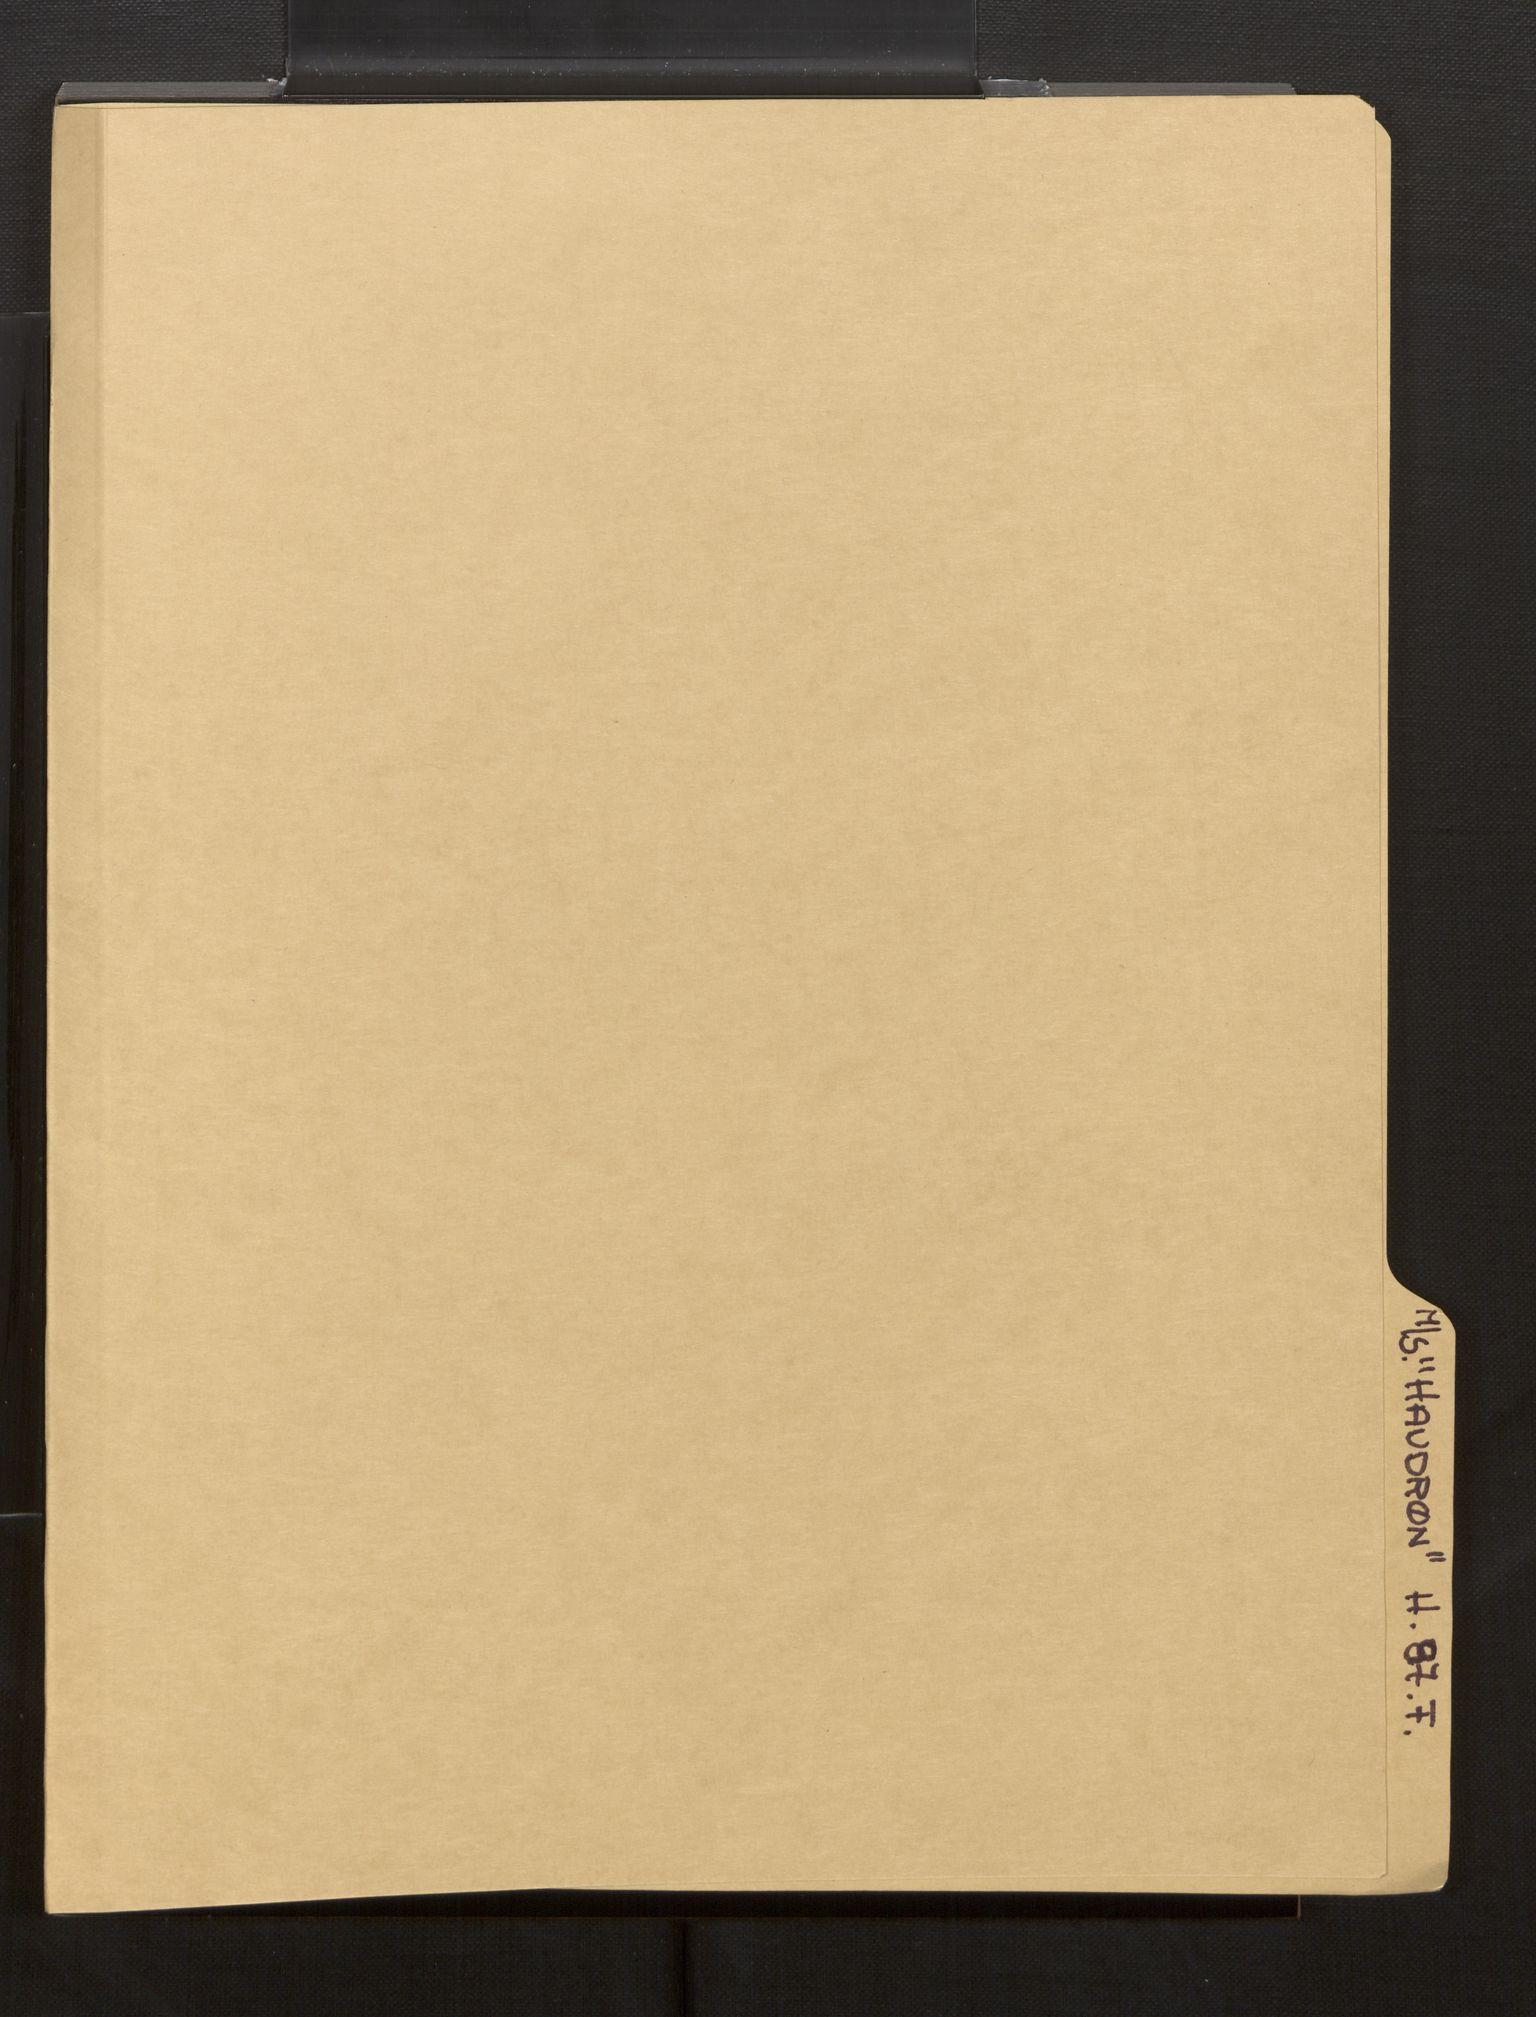 SAB, Fiskeridirektoratet - 1 Adm. ledelse - 13 Båtkontoret, La/L0042: Statens krigsforsikring for fiskeflåten, 1936-1971, p. 631